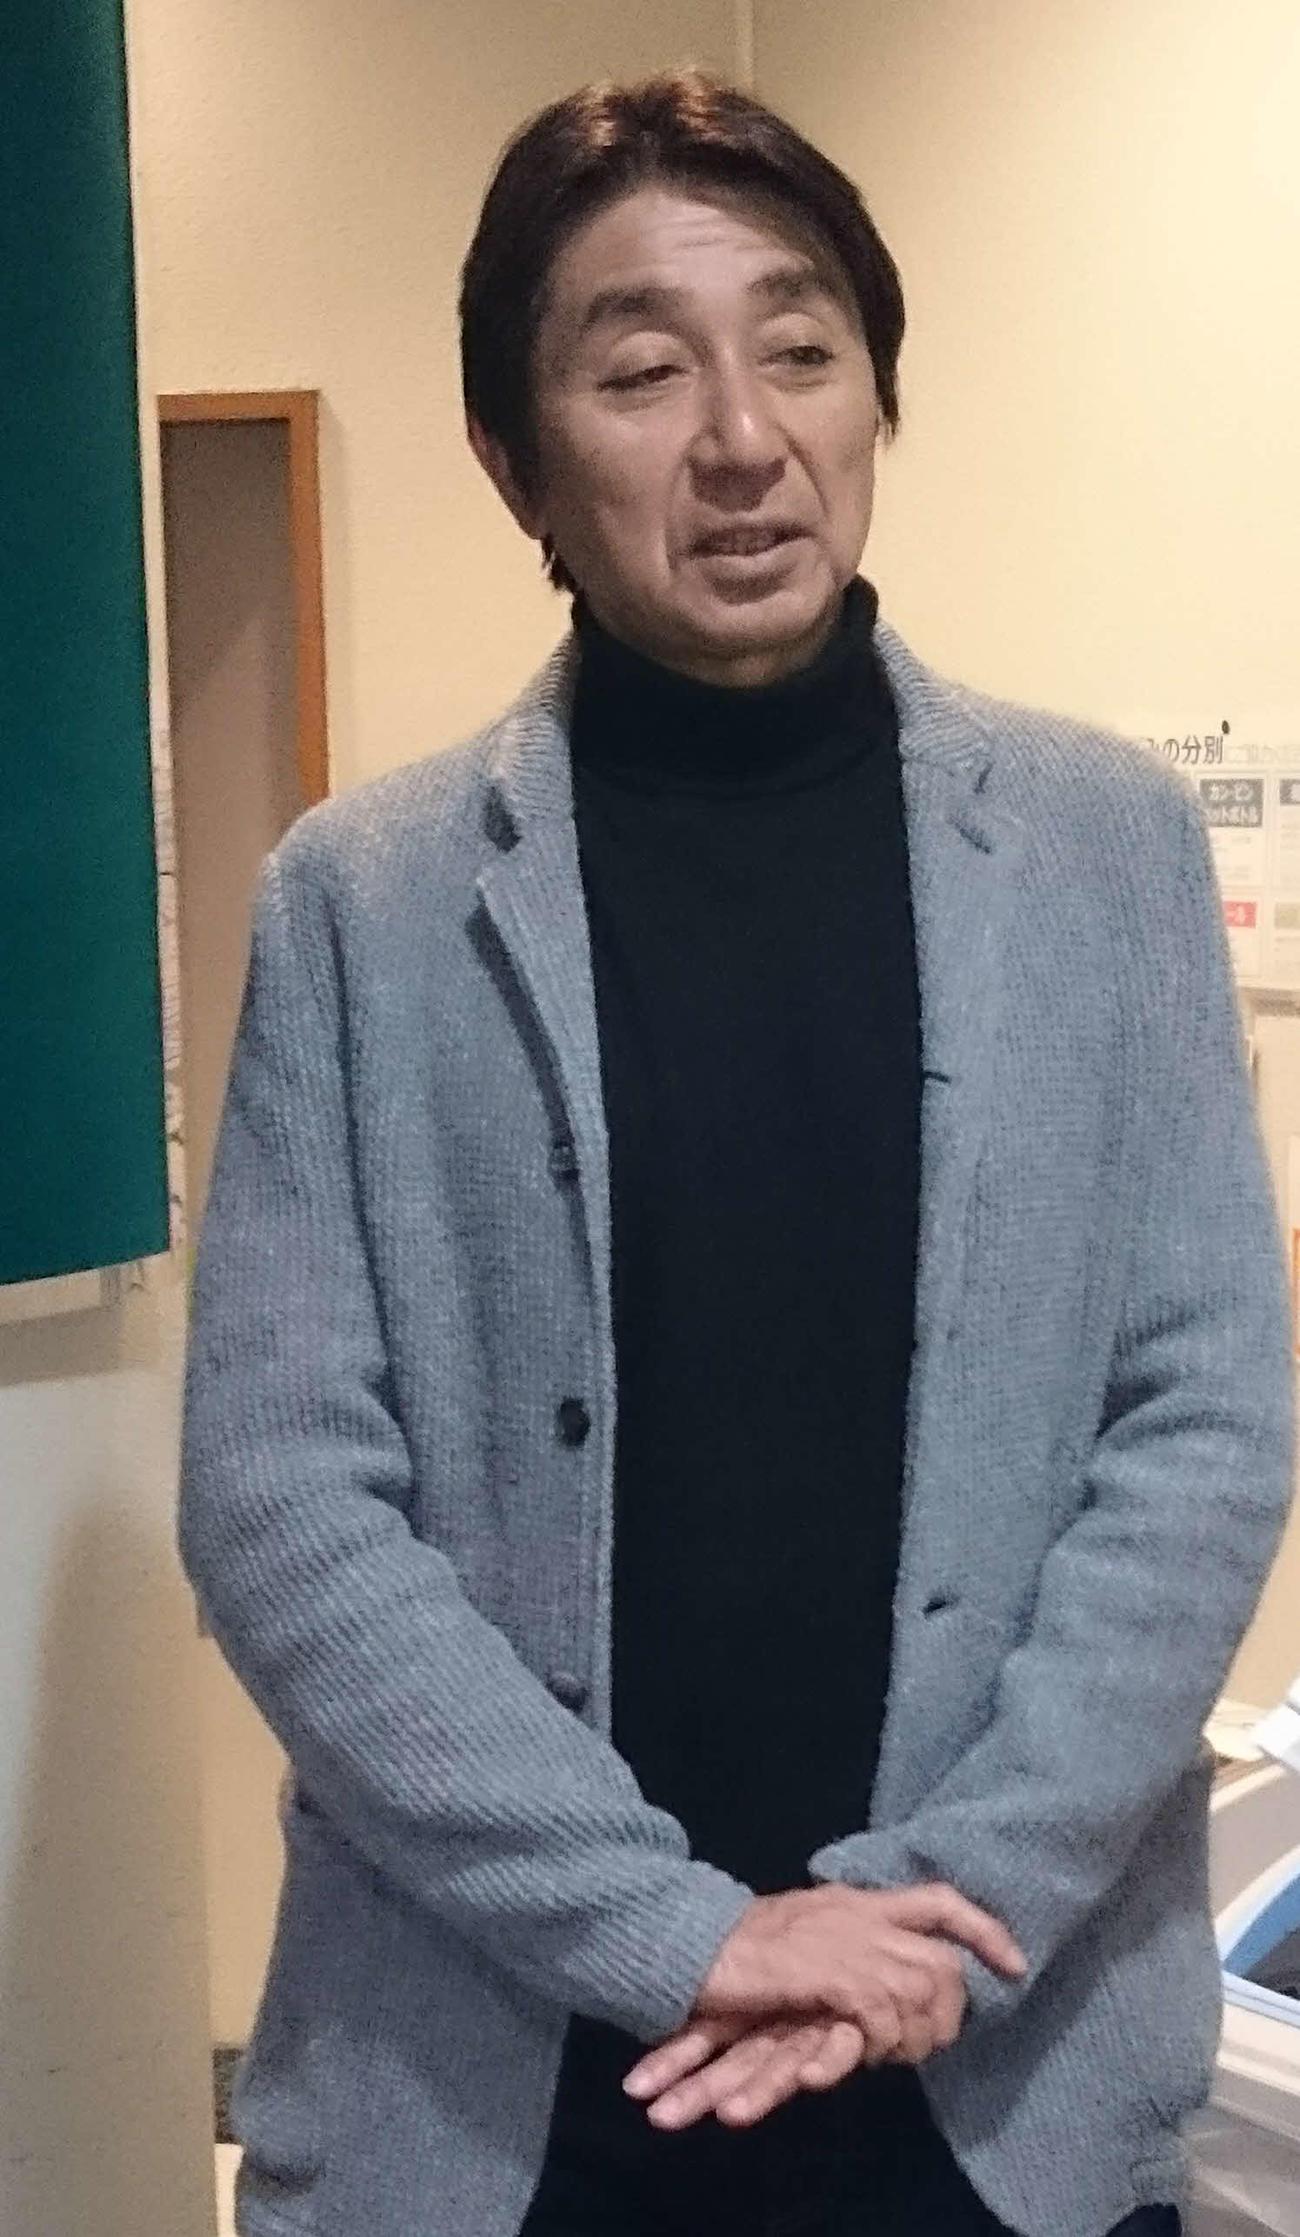 竹本一彦氏(15年12月撮影)